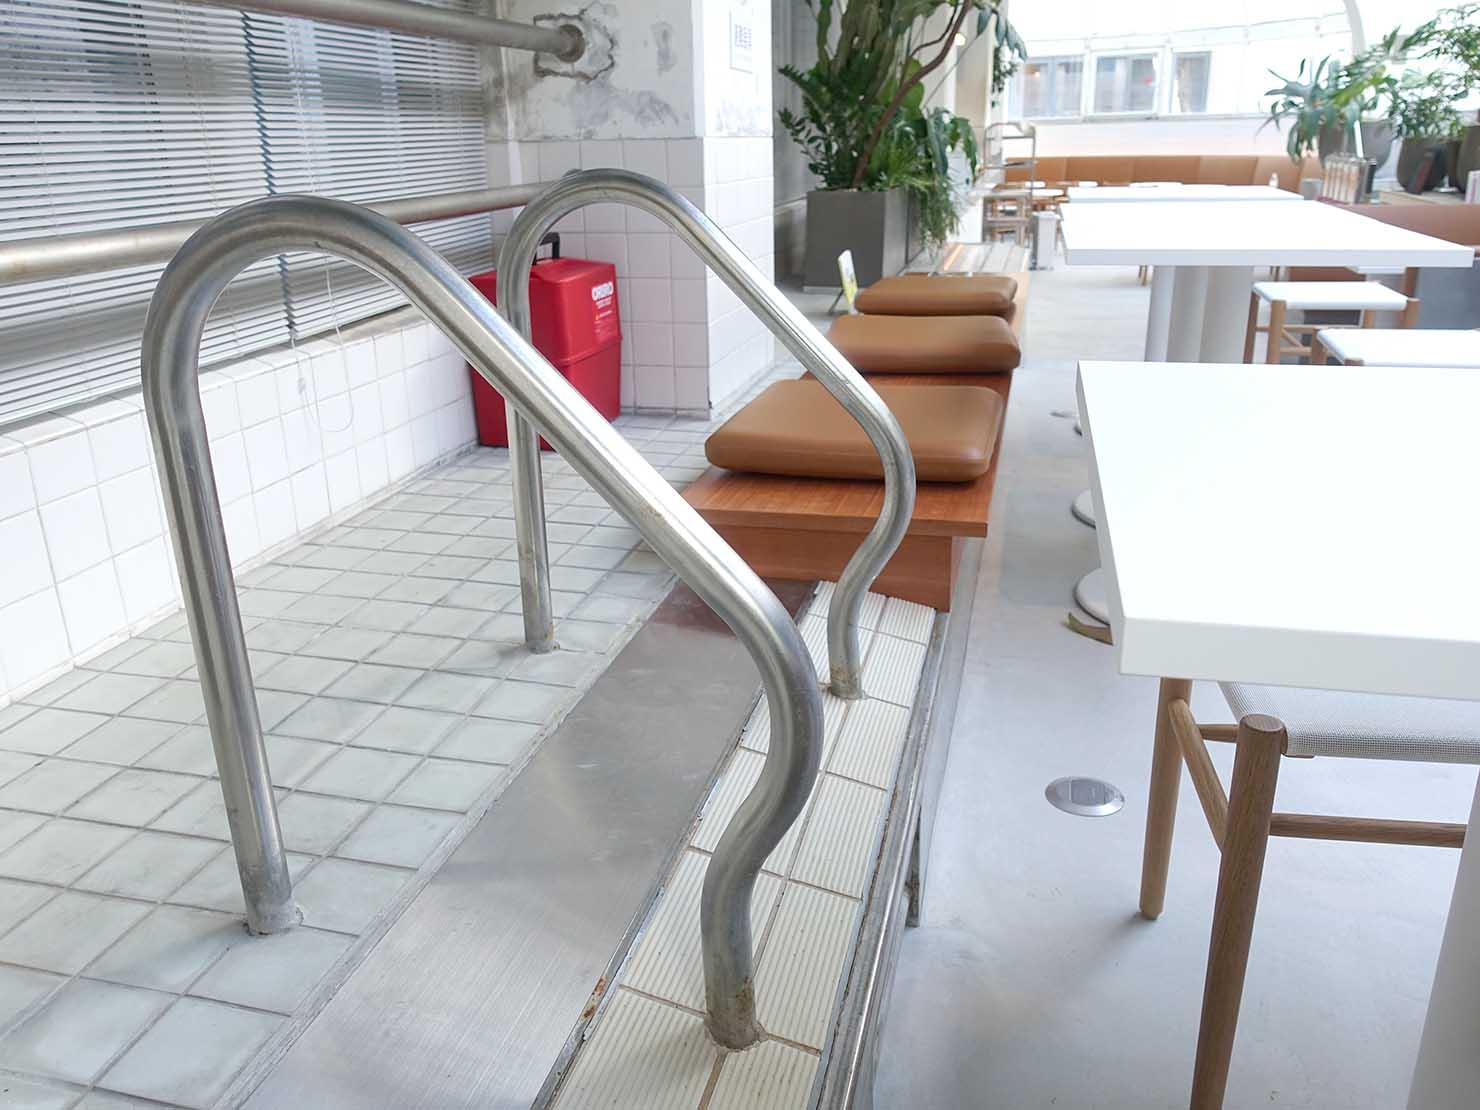 広島・八丁堀のおしゃれなリノベホテル「KIRO広島 The Share Hotels」のダイニング・THE POOLSIDEにのこるプールのおもかげ